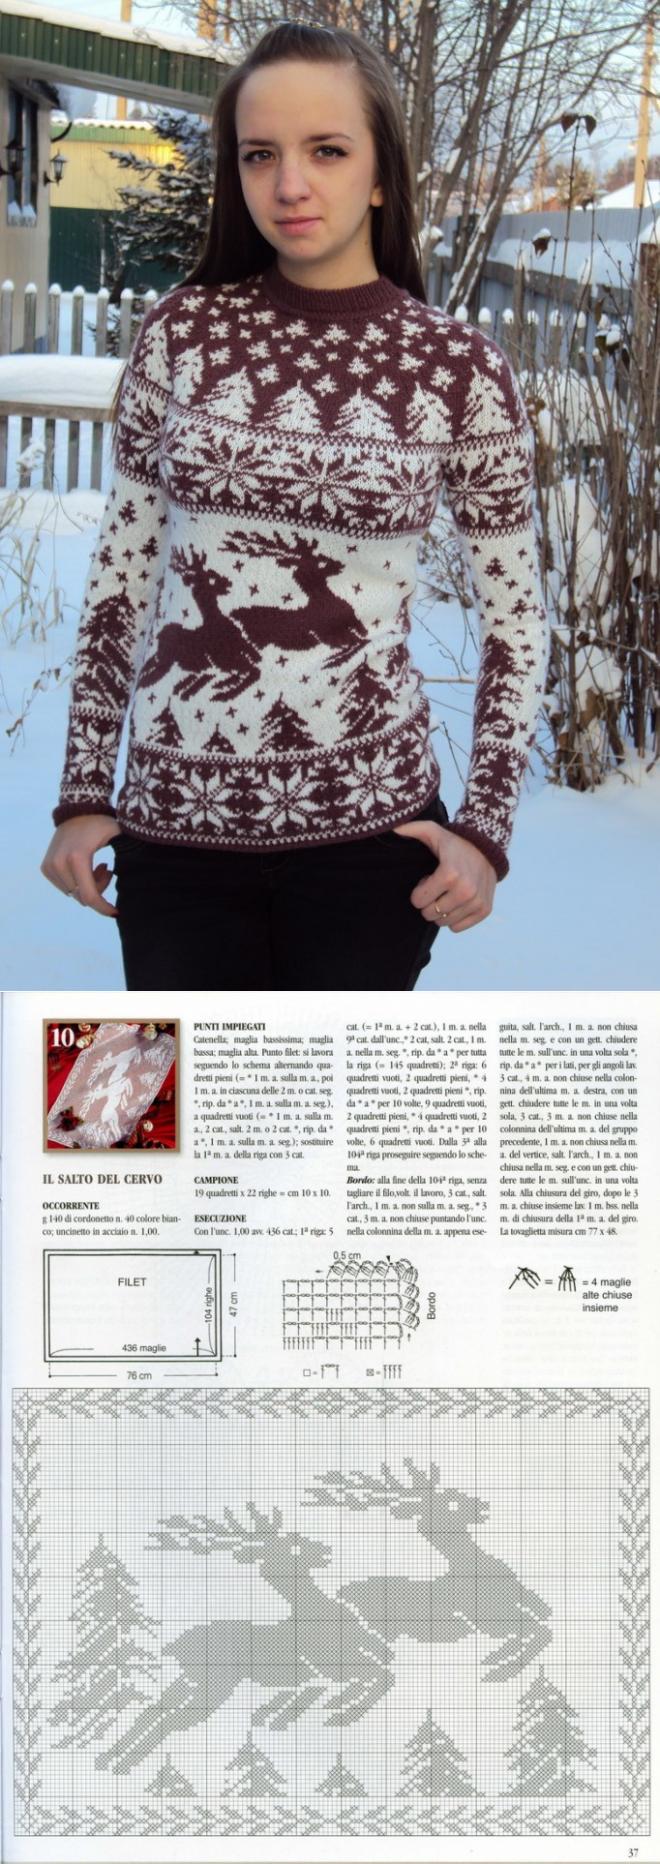 Скандинавский жаккард. Джемпер | Icelandic Sweater | Pinterest ...